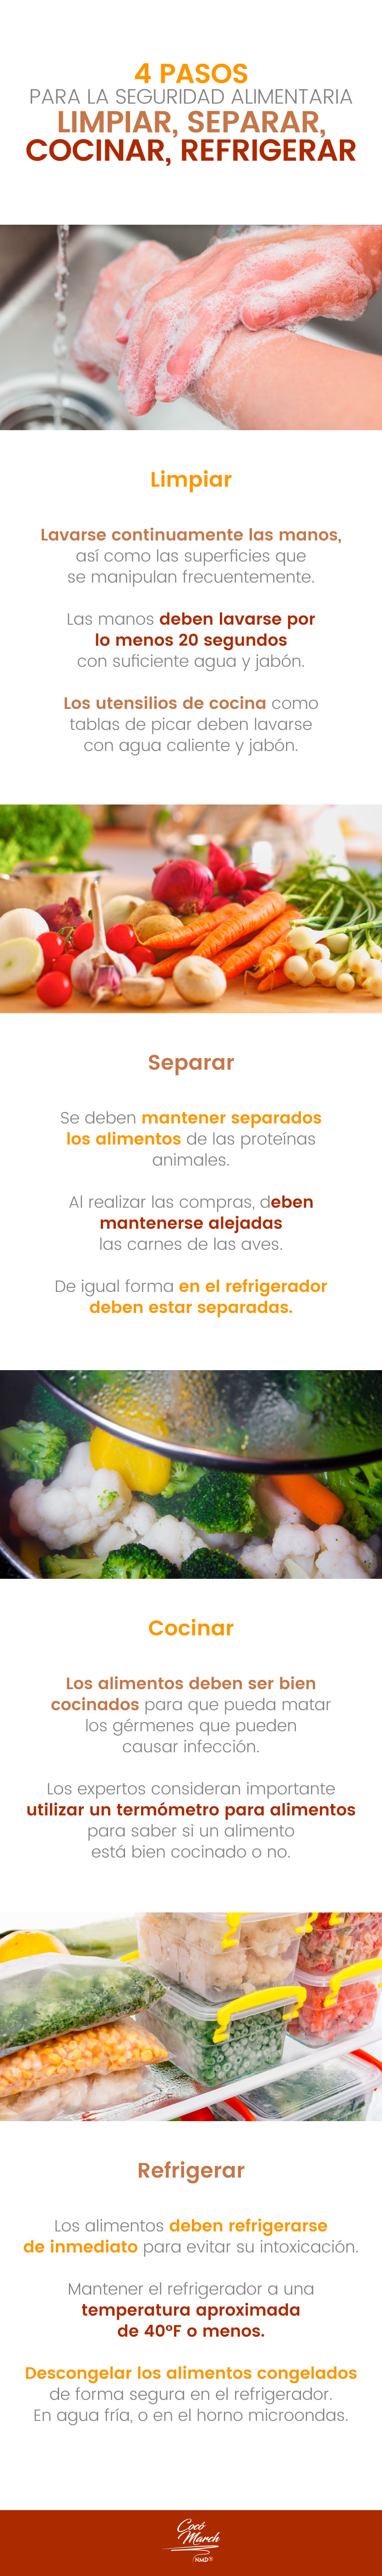 pasos-seguridad-alimentaria-Limpiar-Separar-Cocinar-Refrigerar